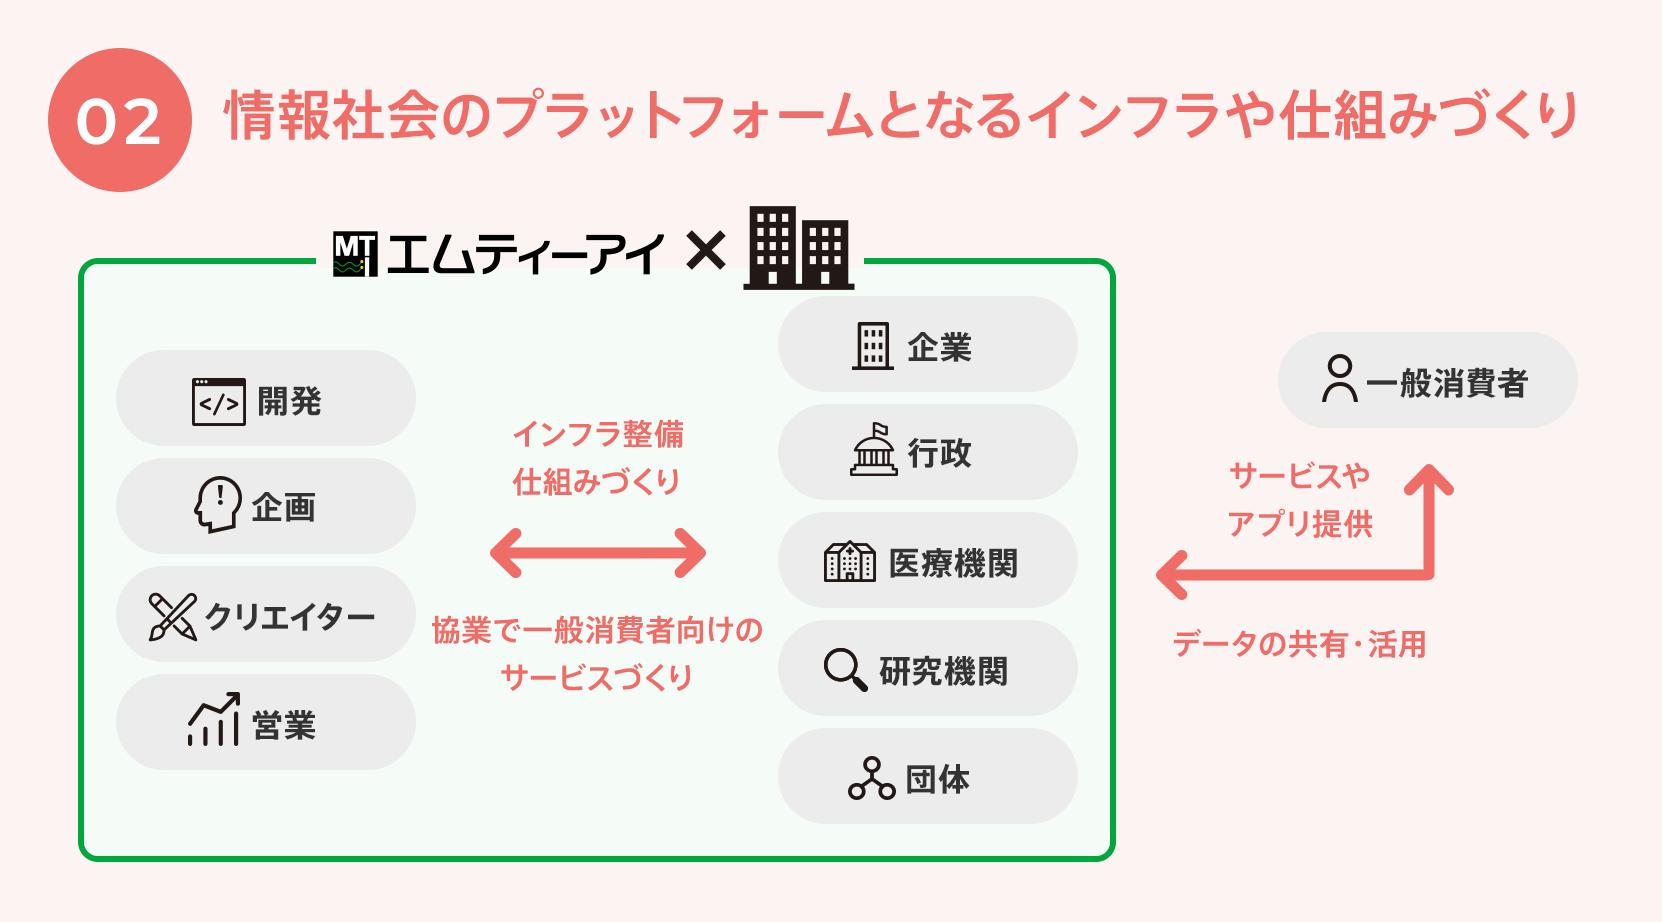 02.情報社会のプラットフォームとなるインフラや仕組みづくり